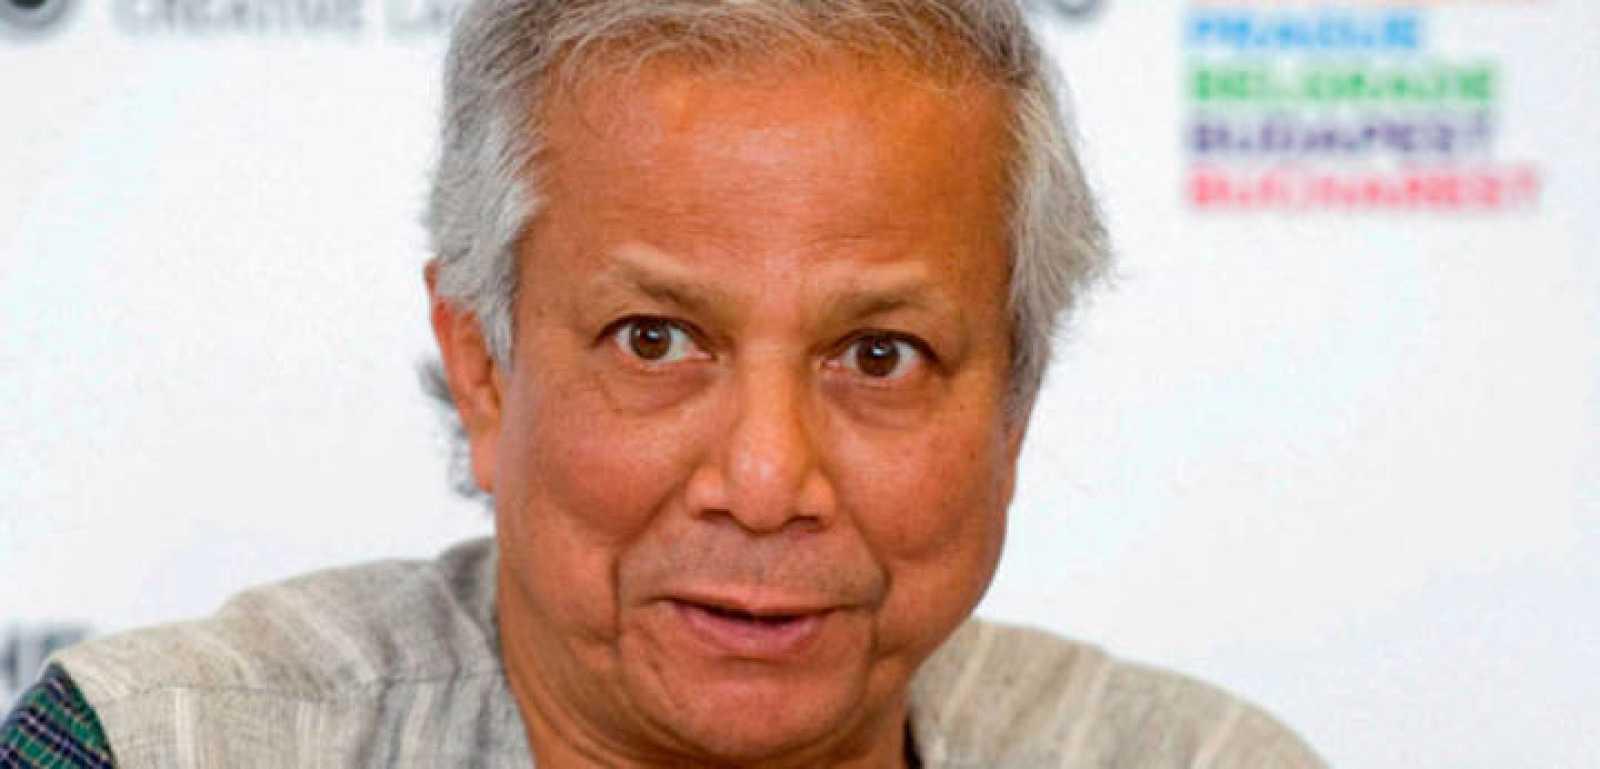 El Premio Nobel Mohamed Yunus, padre de los microcréditos, en una conferencia ofrecida en Budapest (Hungría) en 2010